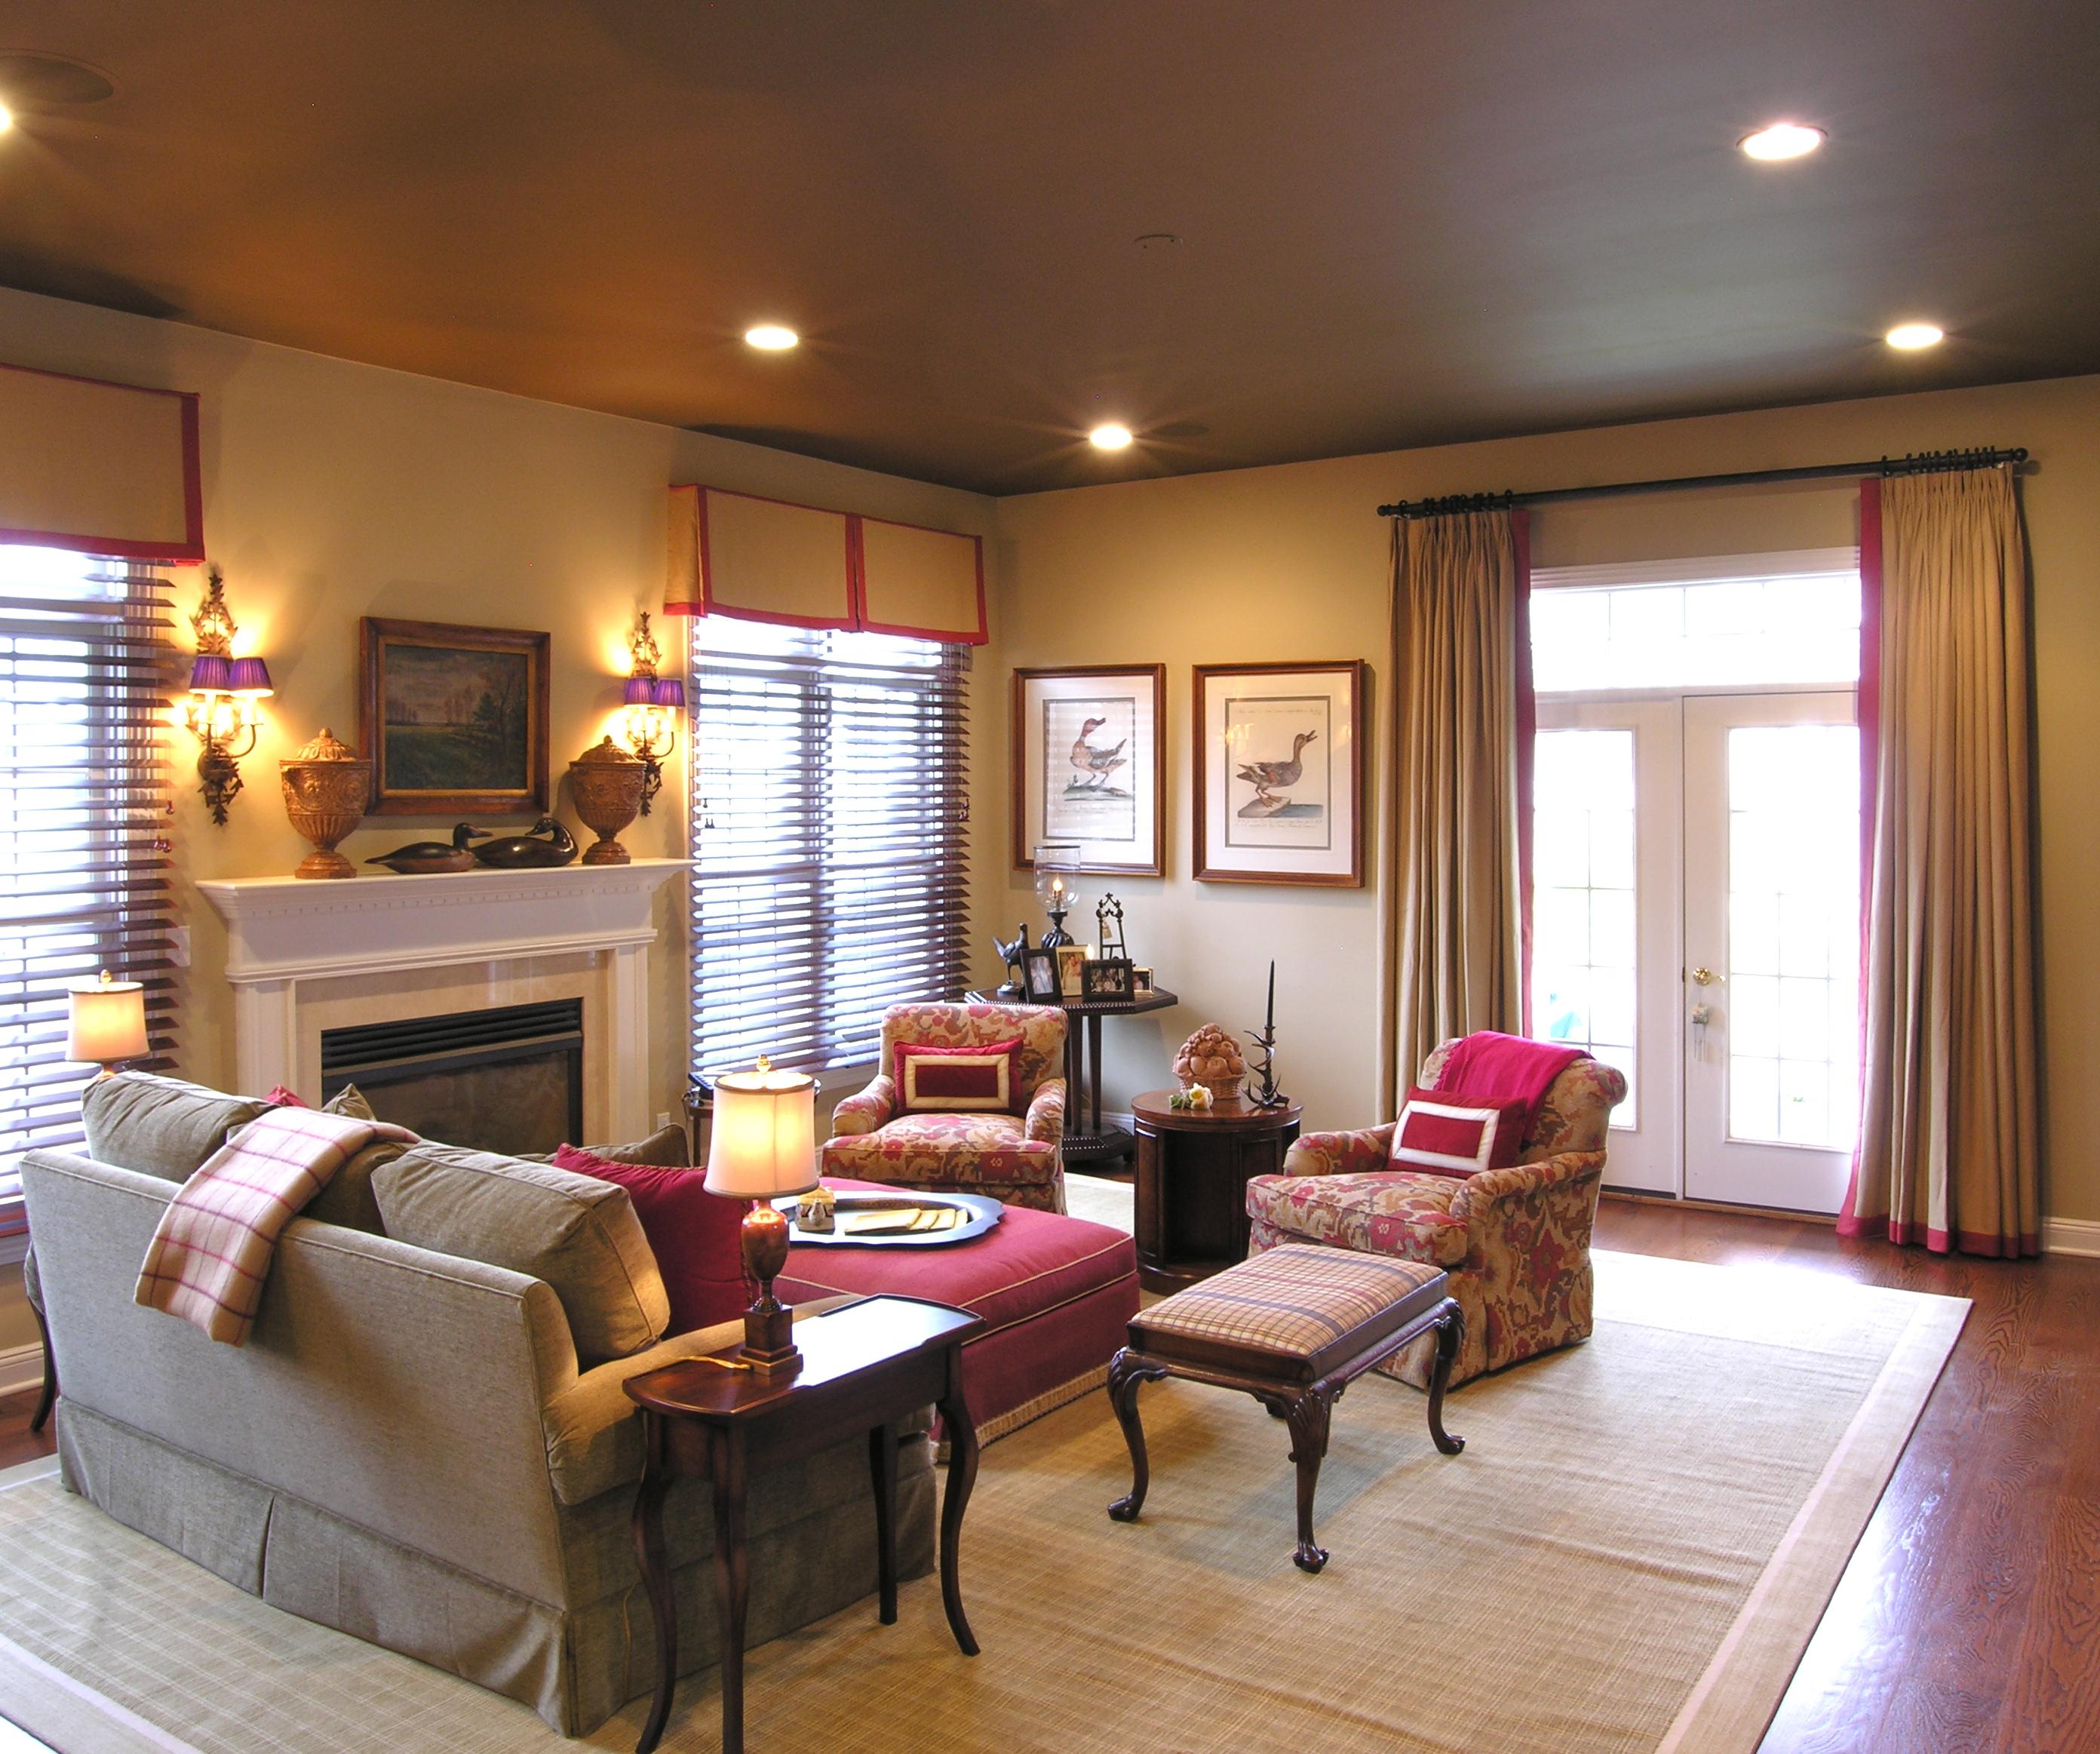 Beri aksen warna lembut pada area plafon - 5 Cara yang Dapat Dilakukan untuk Membuat Plafon Rumah Minimalis Tampak Elegan